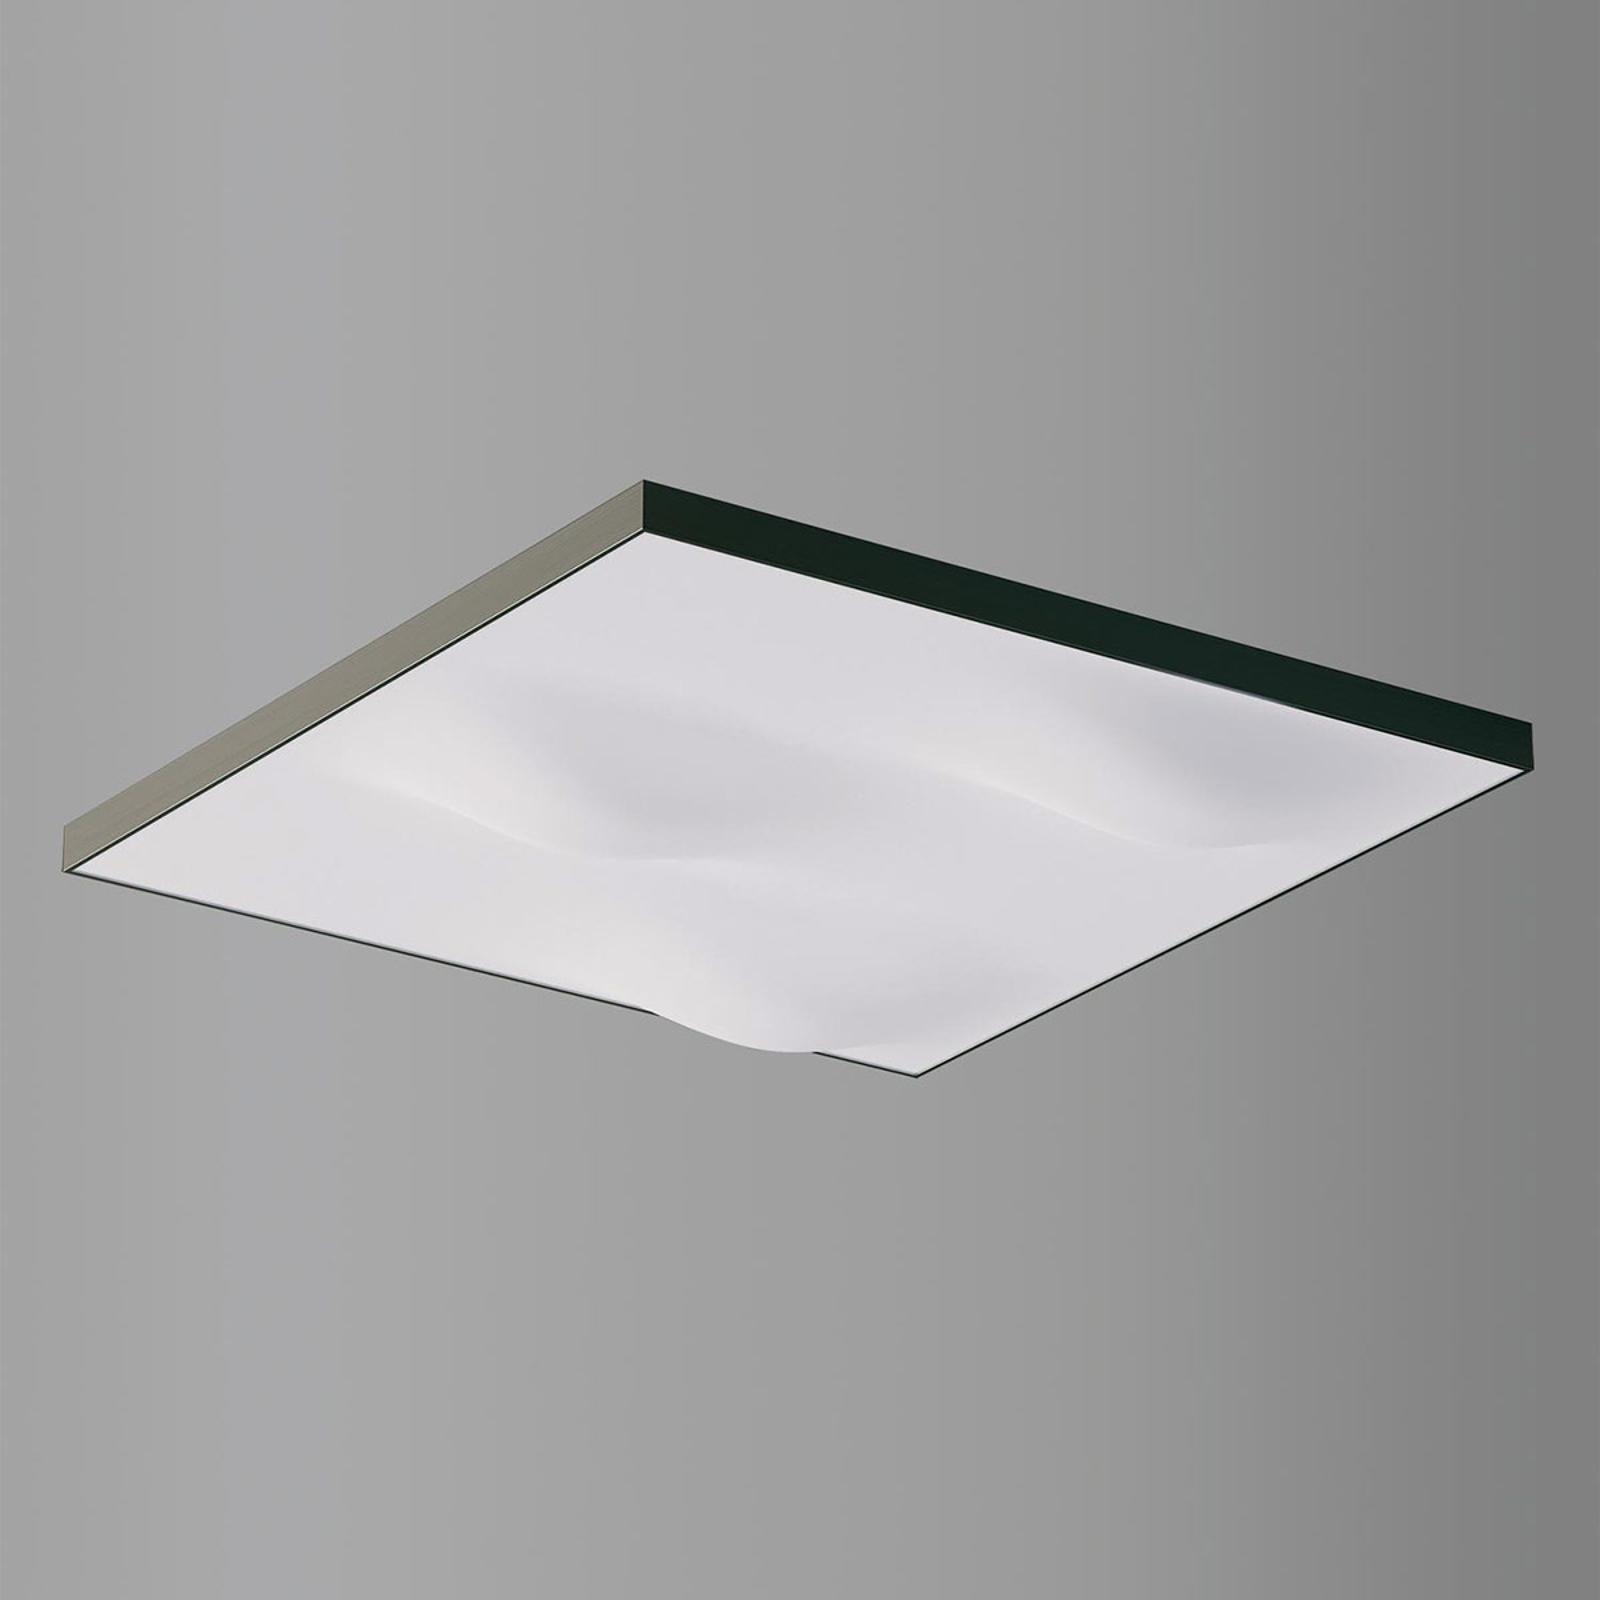 Lampa sufitowa LED Curve